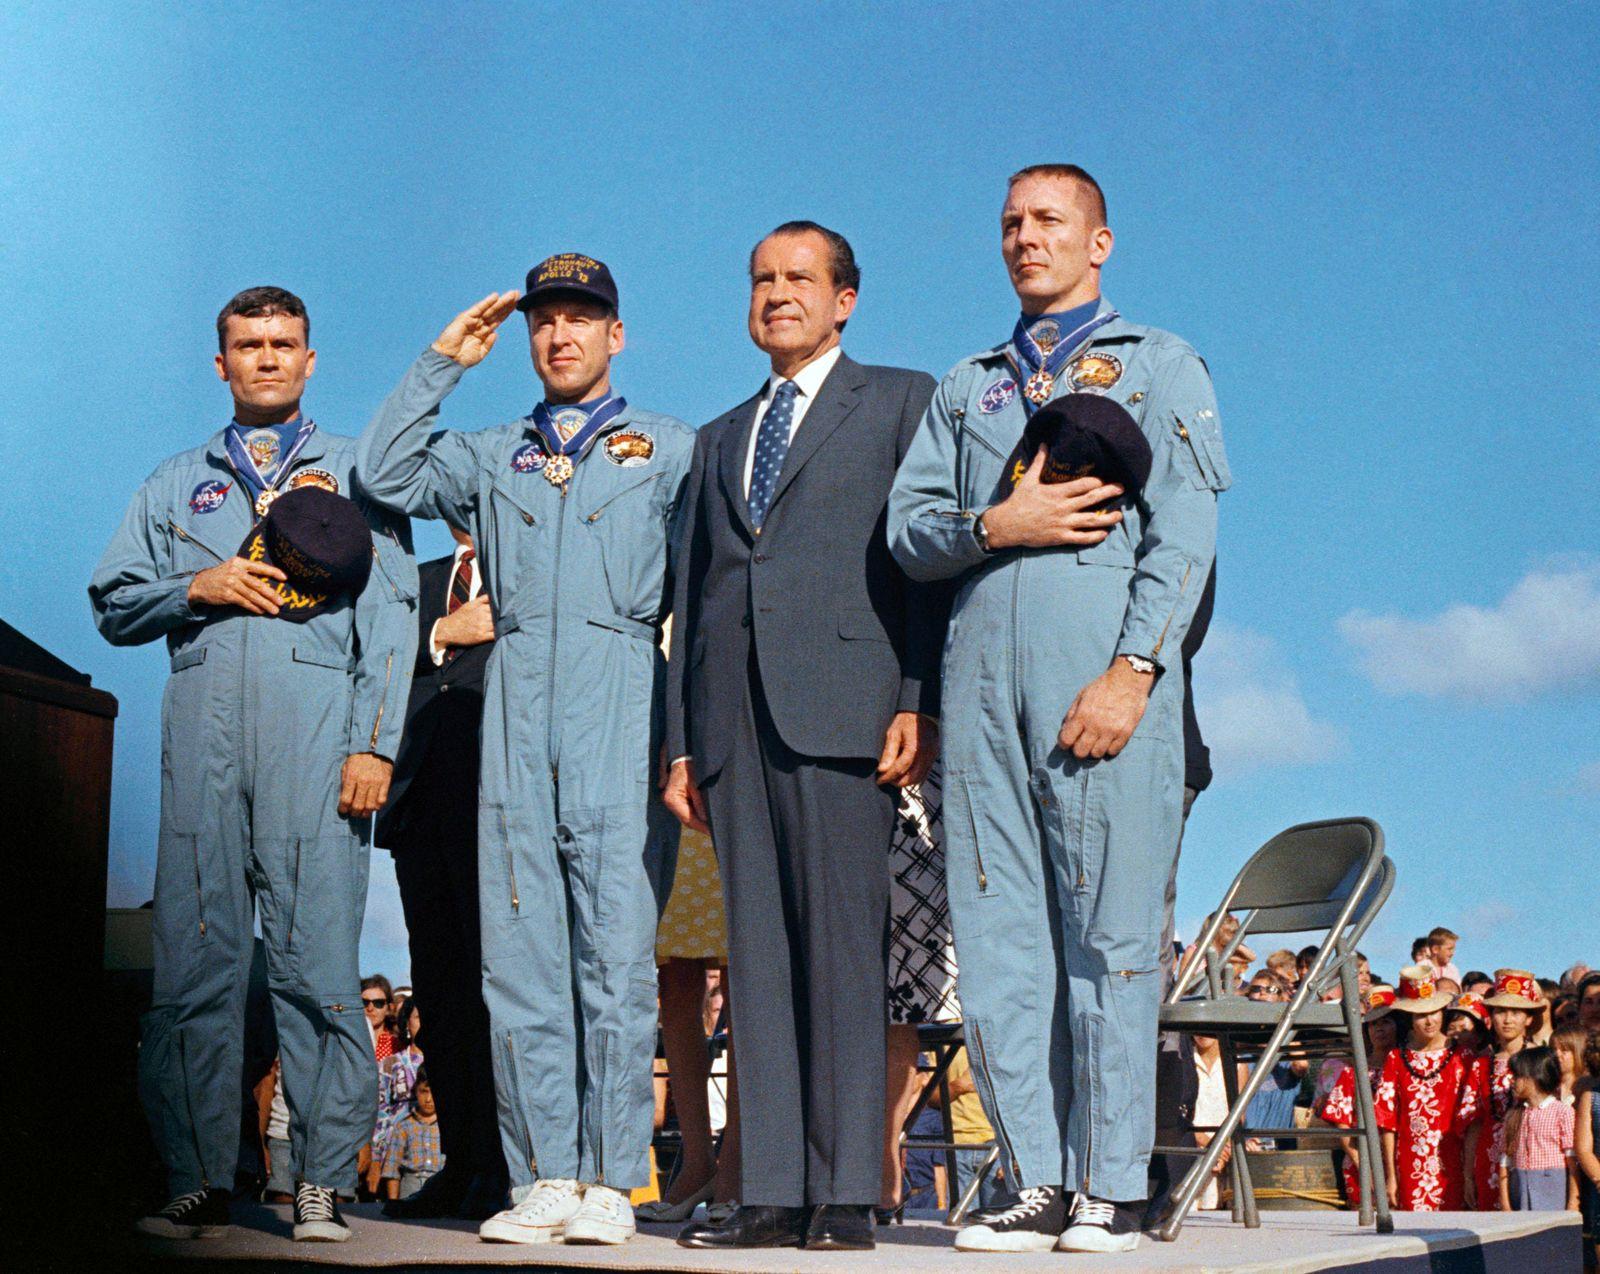 Das Drama der «Apollo 13» vor 50 Jahren